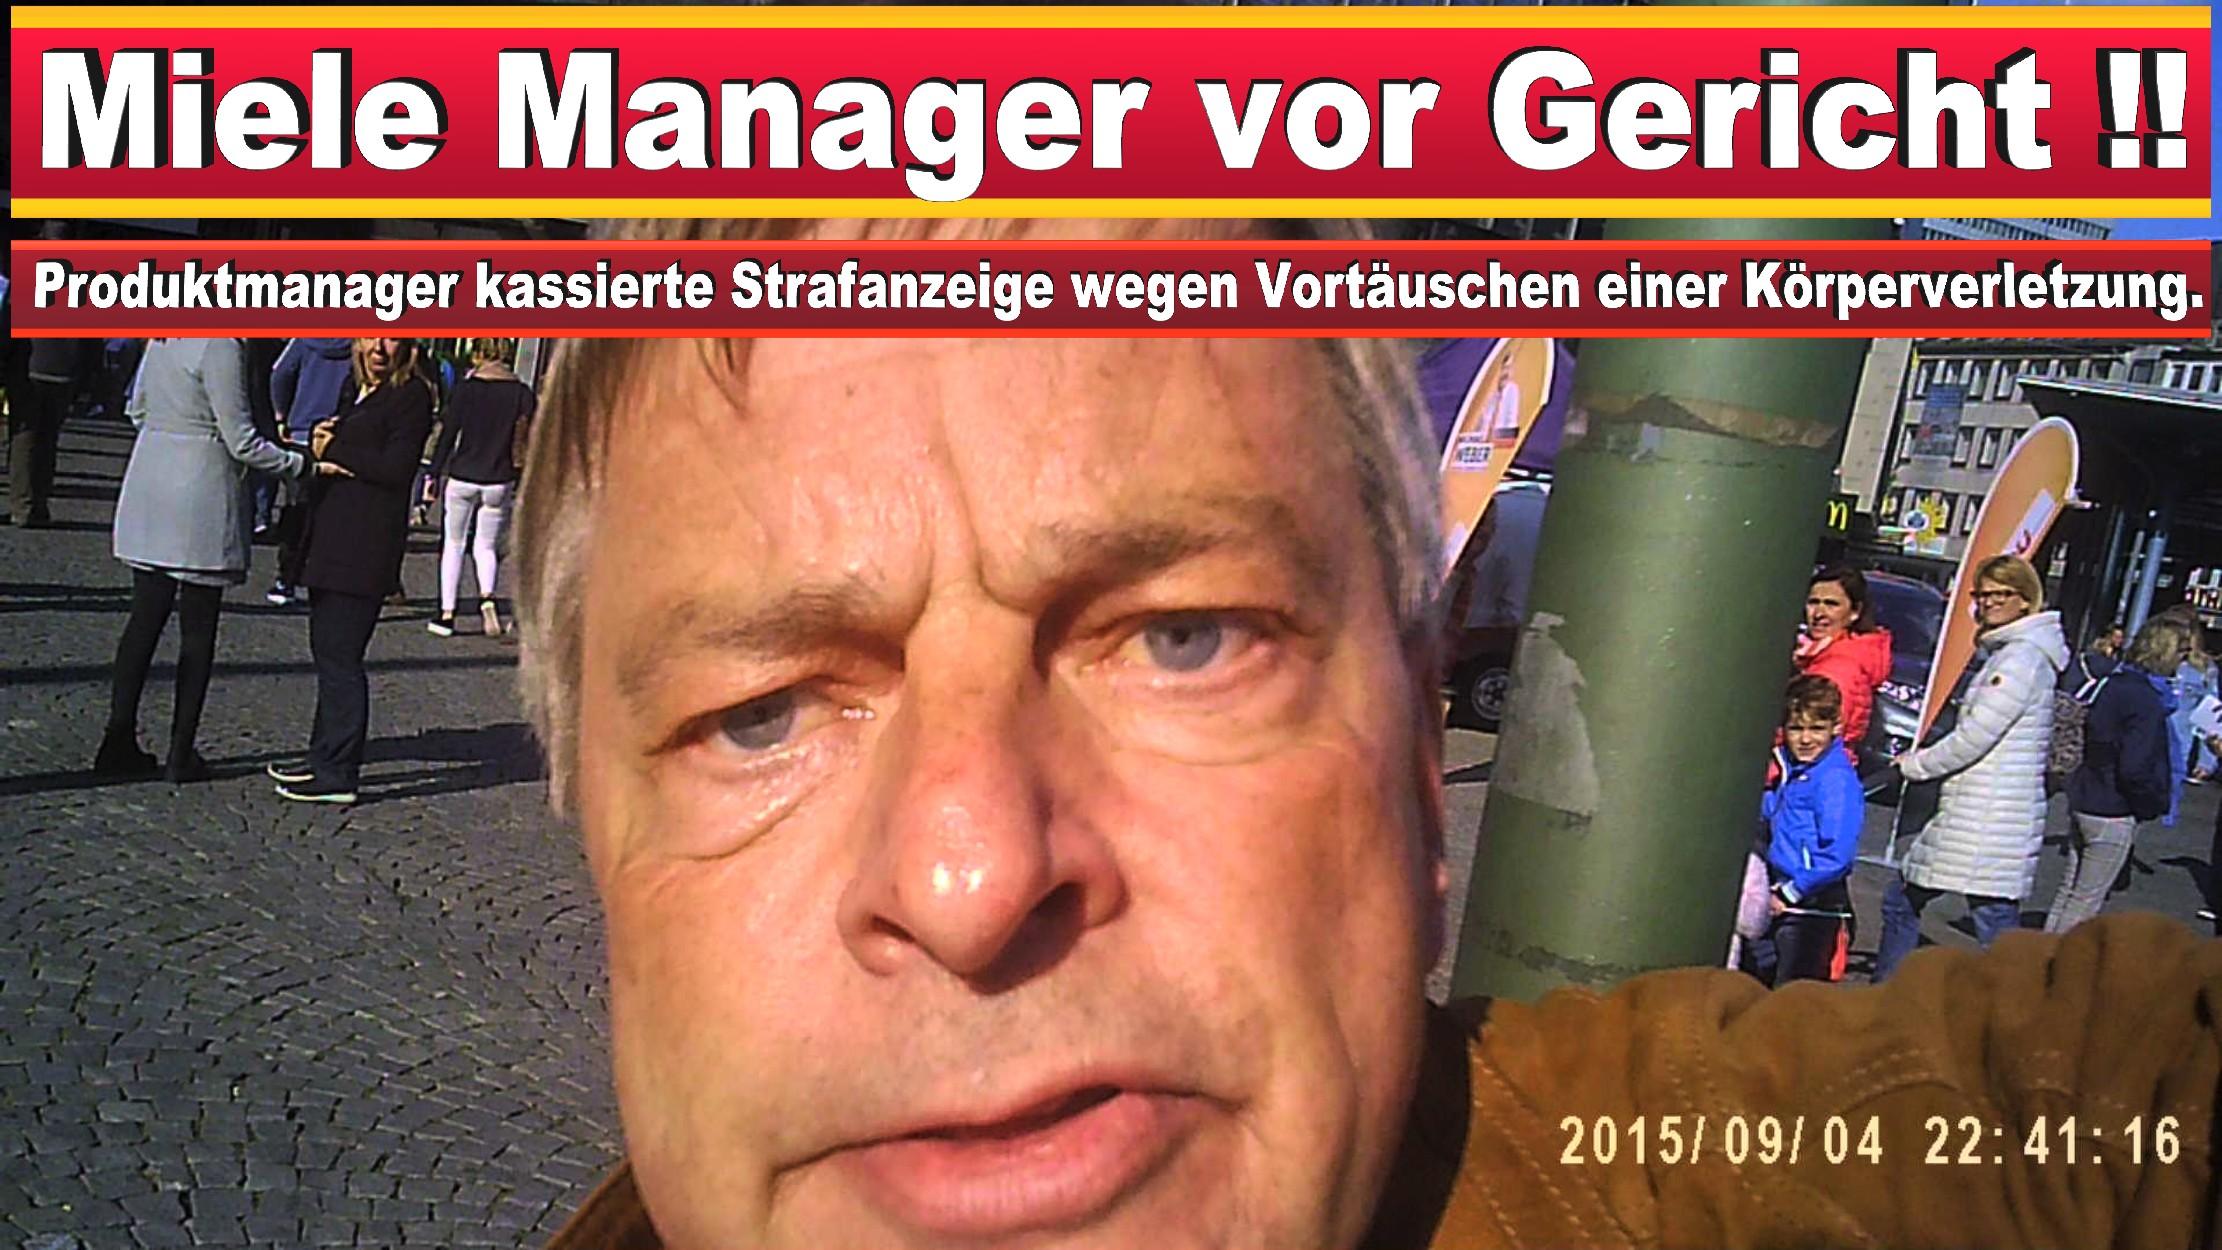 MICHAEL WEBER CDU BIELEFELD GEWALTAUSBRUCH UND STRAFANZEIGE (9)